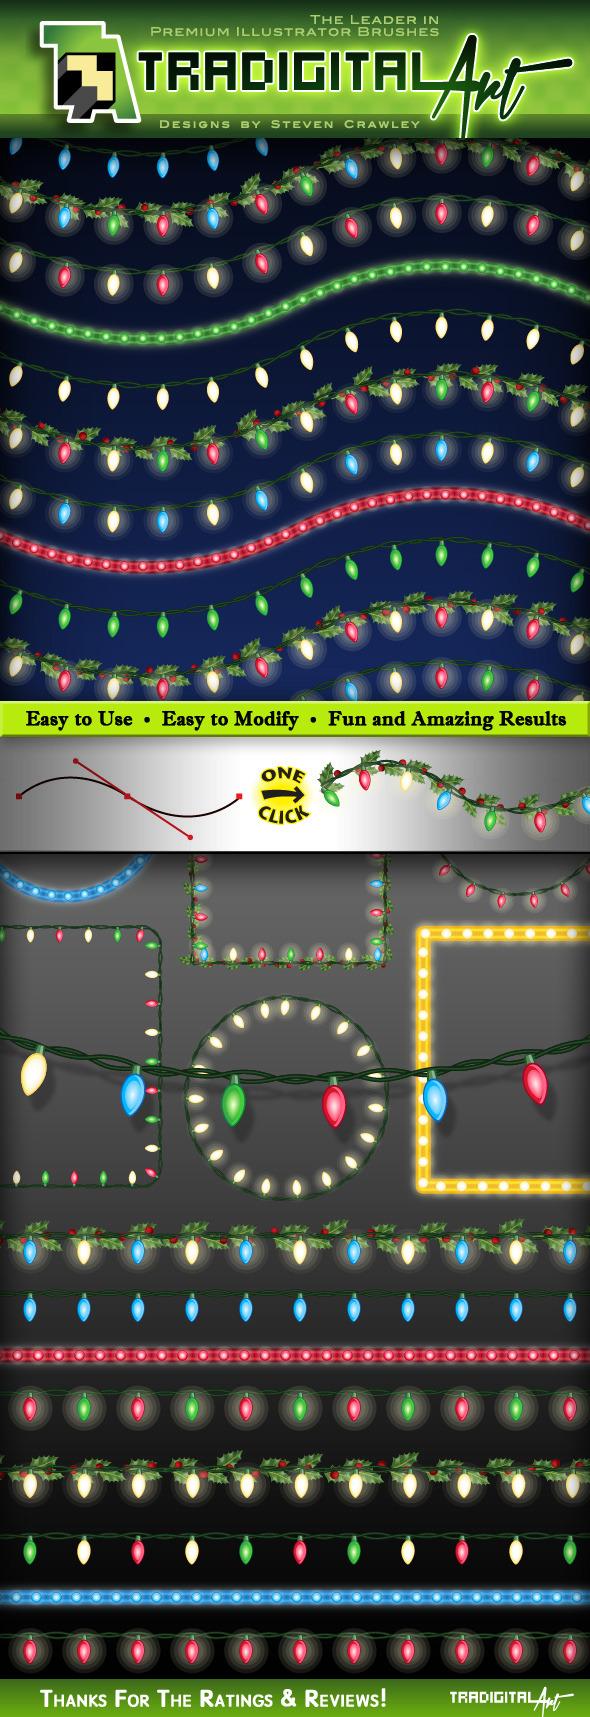 Christmas Lights Brushes Set 2 - Styles Illustrator